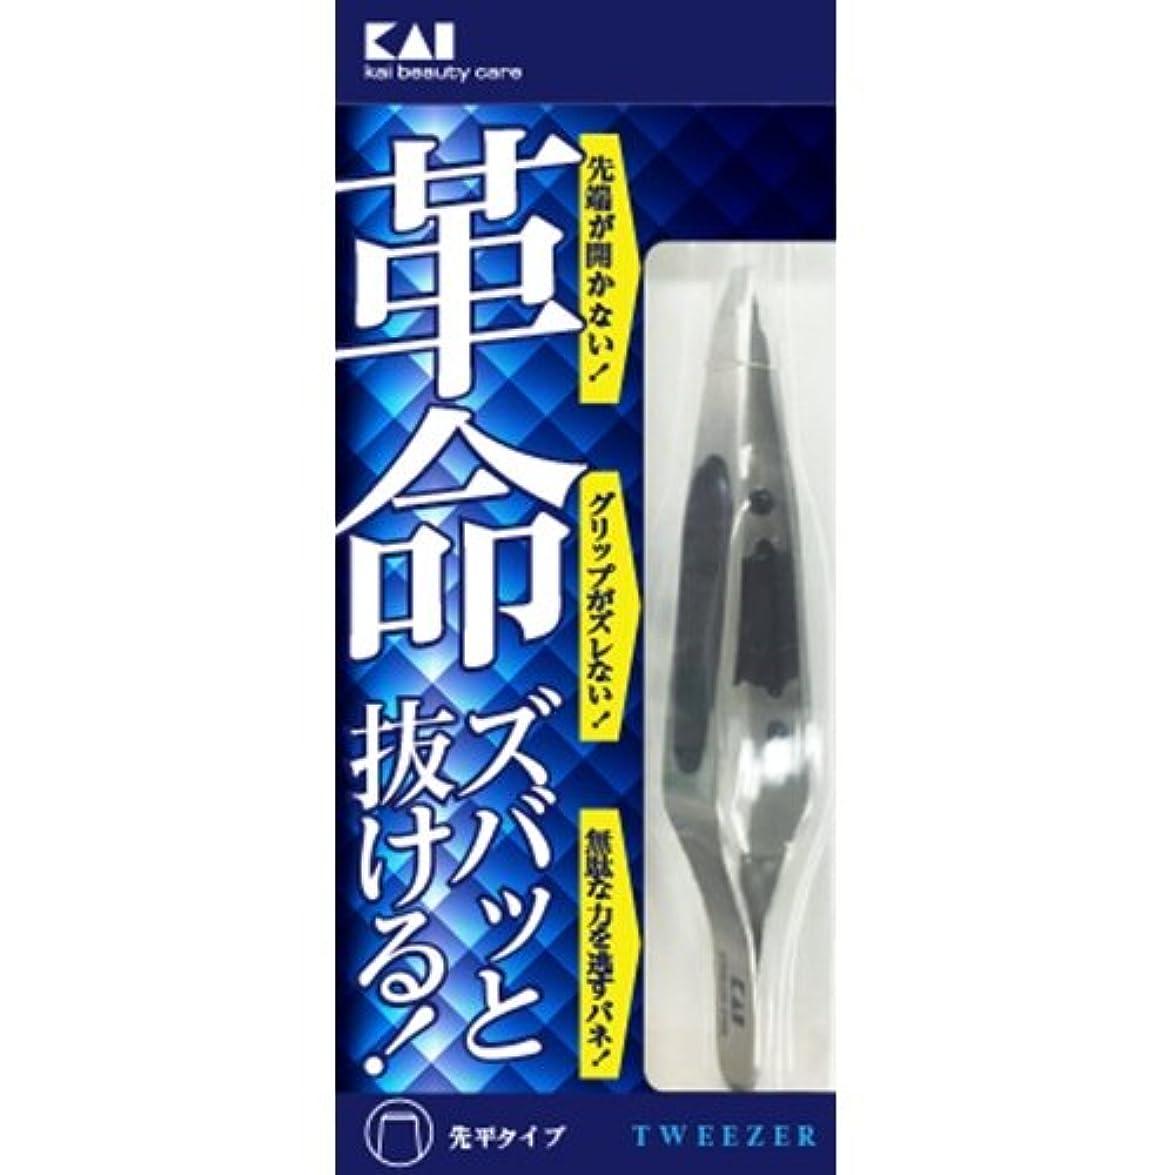 ナットアクセシブル裸キャッチャー毛抜き (先平 ) KQ3095